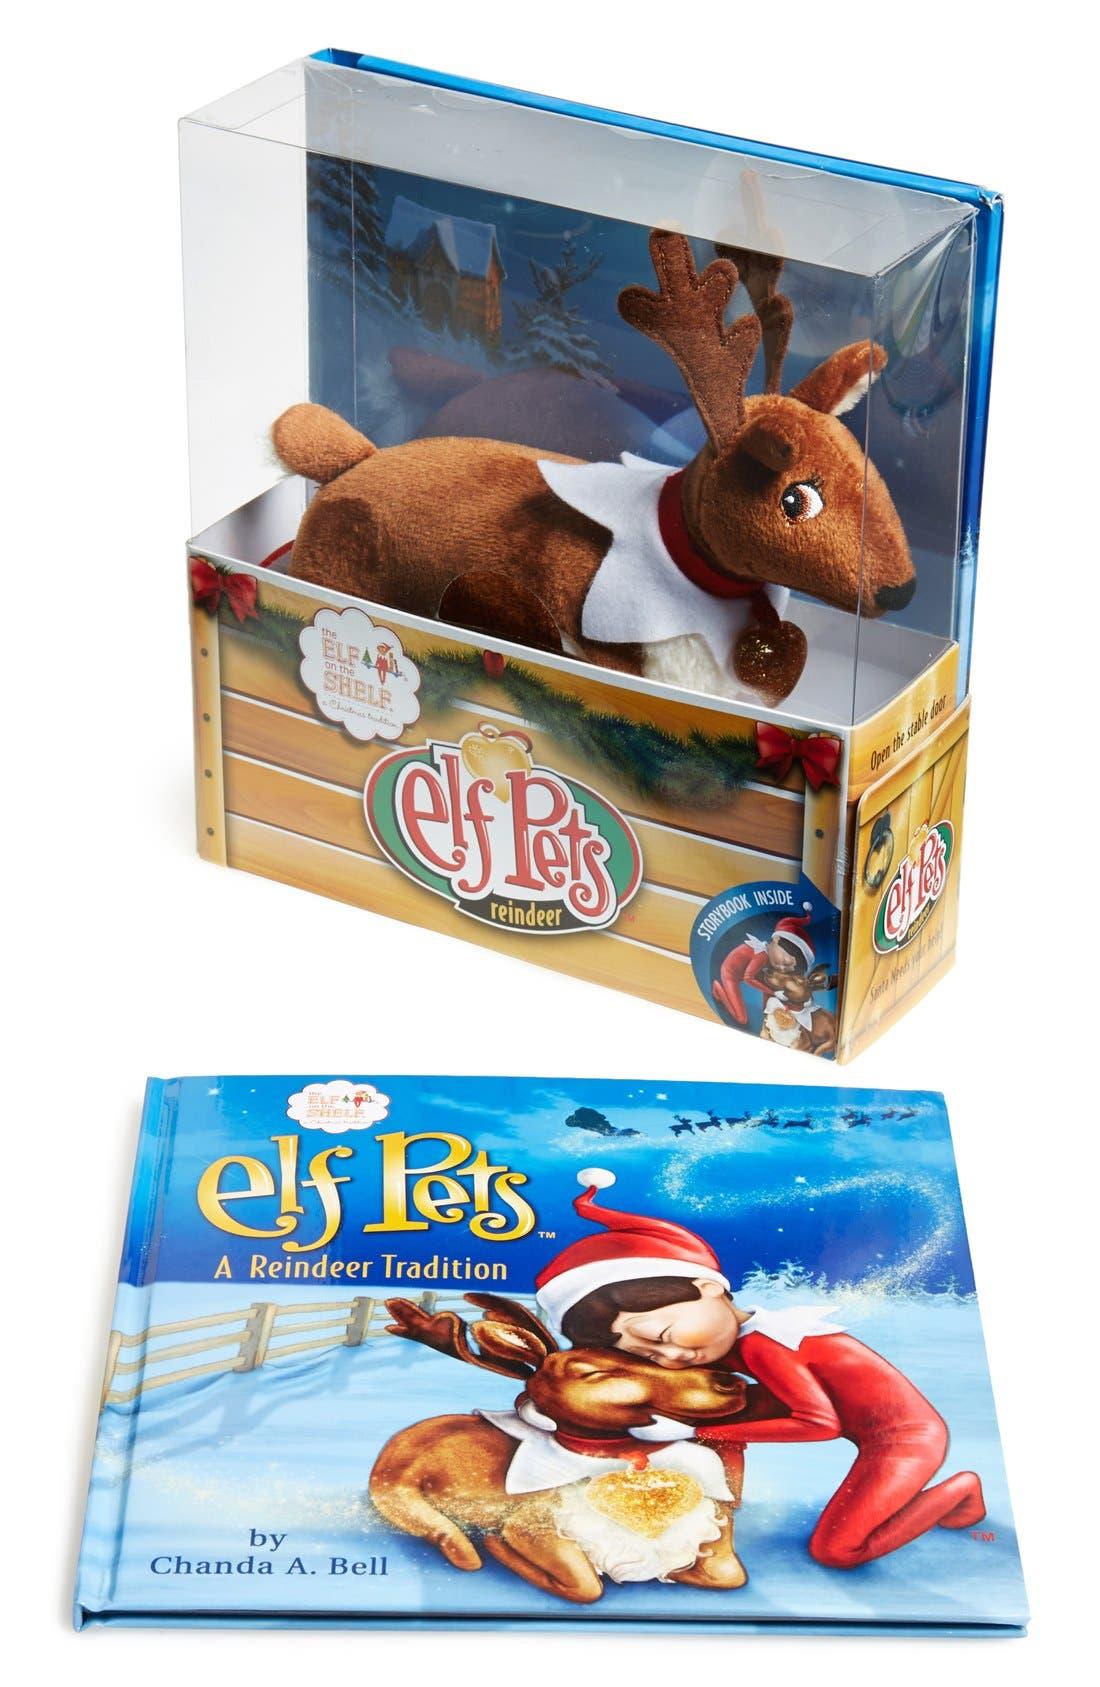 Elf on the Shelf 'Elf Pets' Reindeer & Book